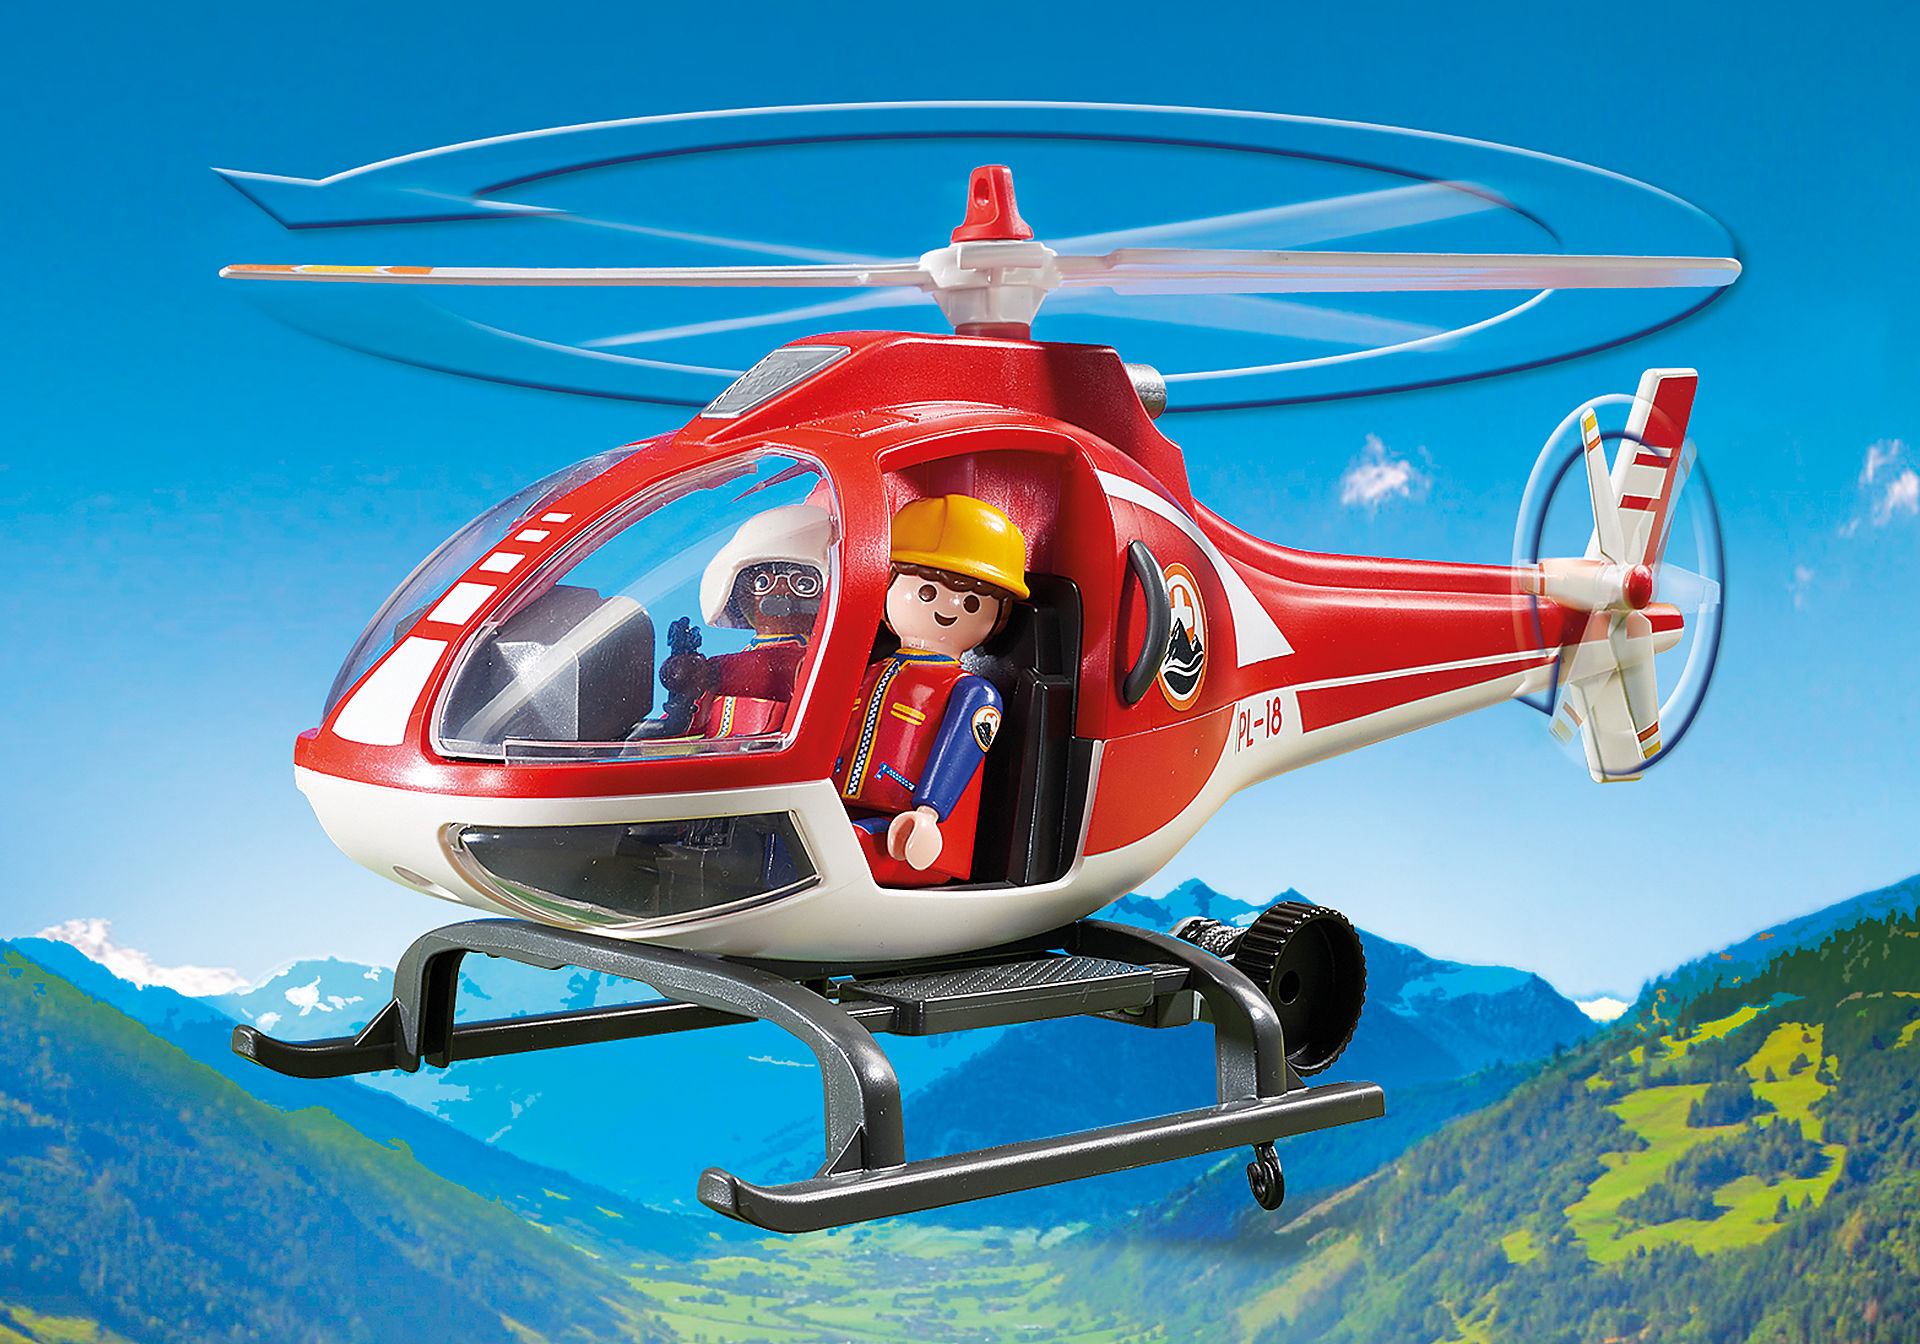 9127 Helicóptero de Rescate de Montaña zoom image6